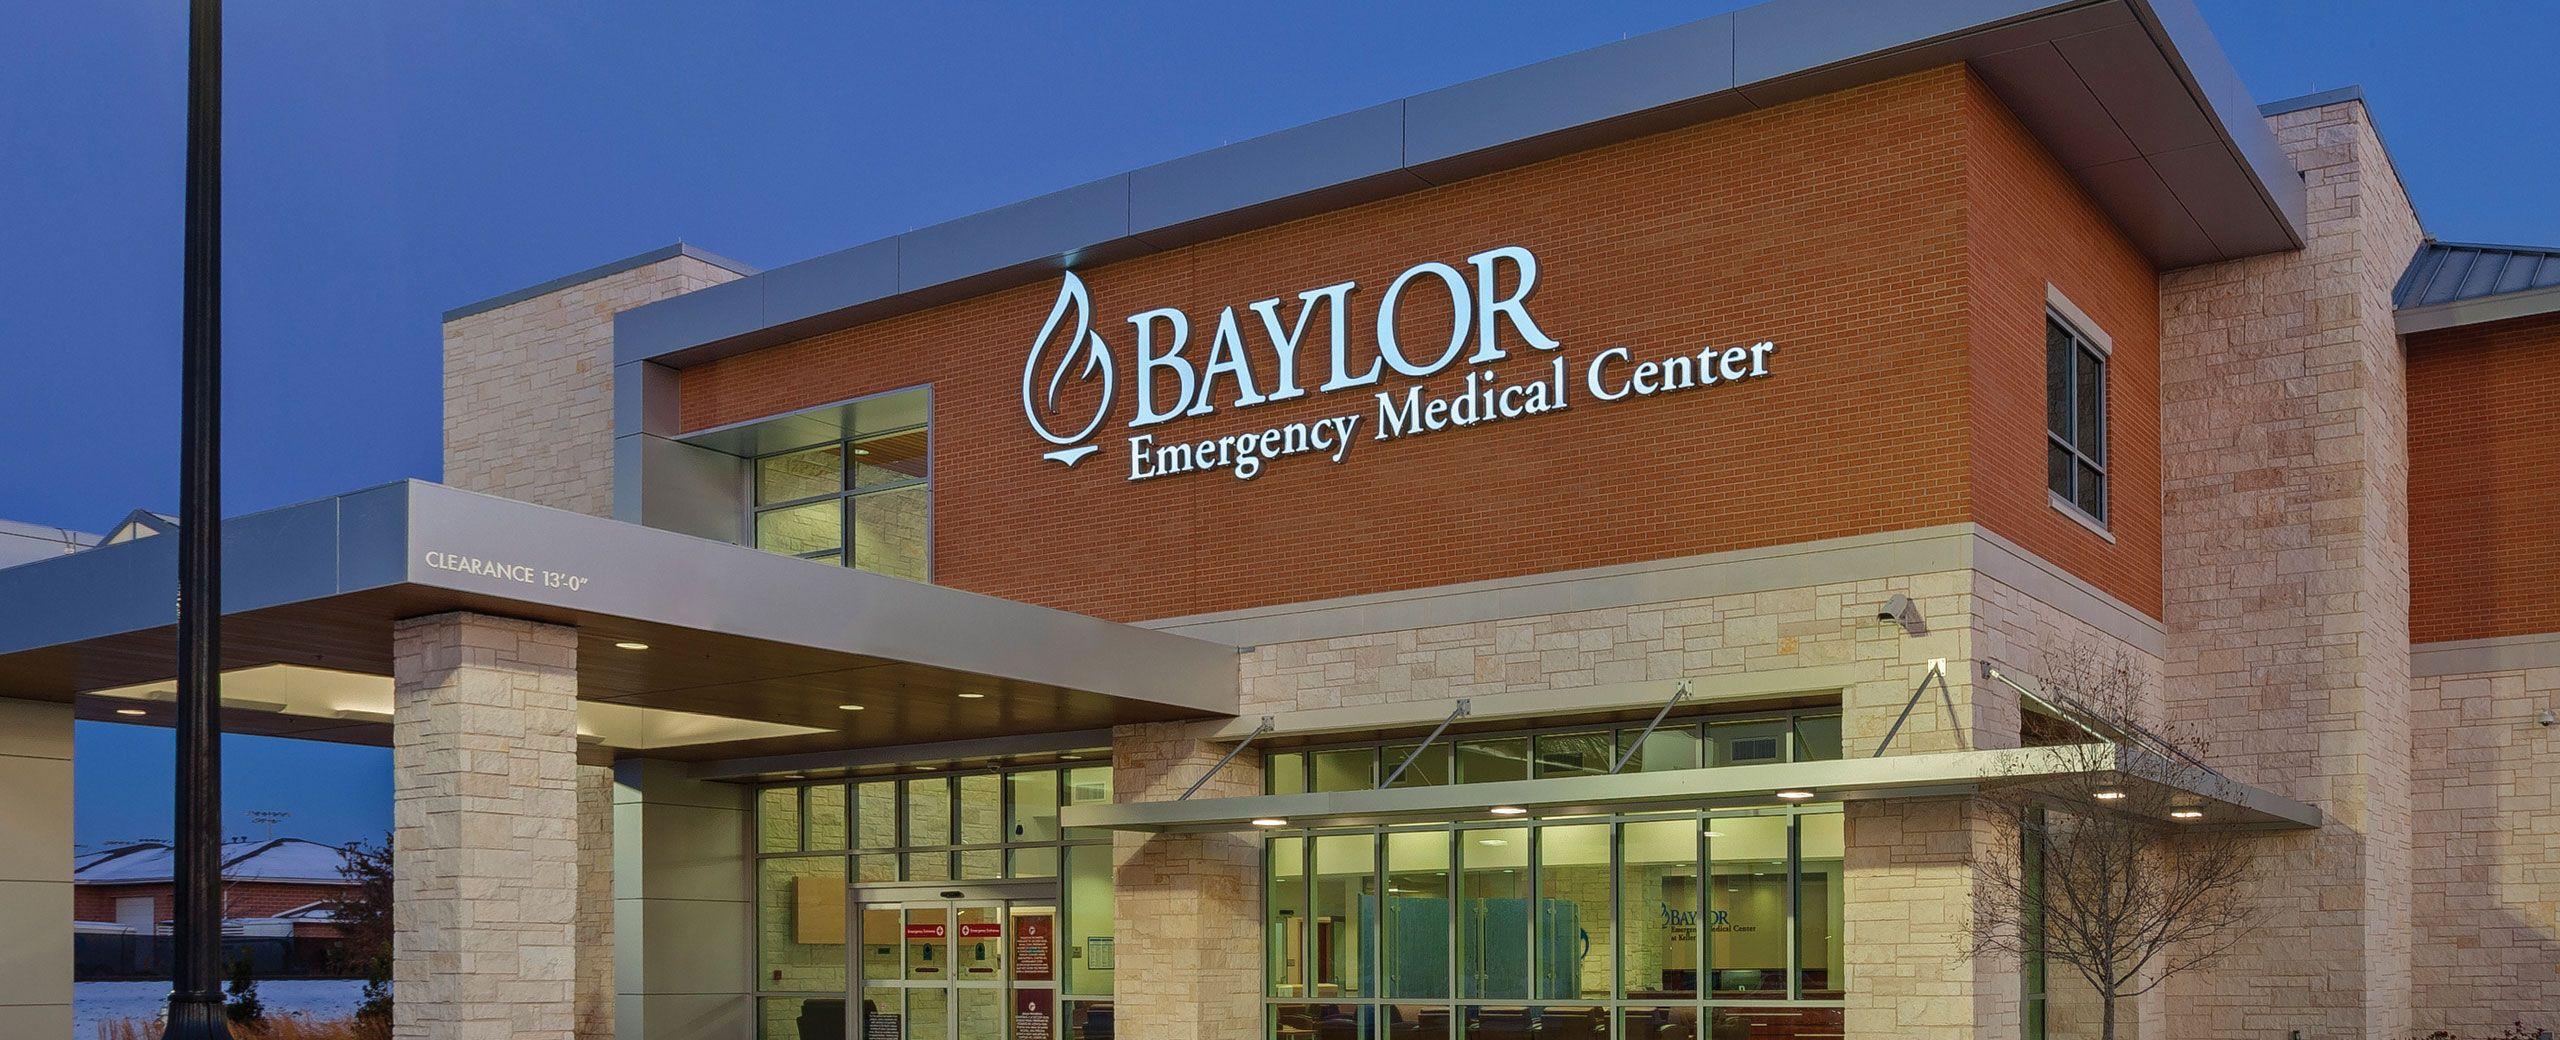 Baylor emergency medical center locations medical center